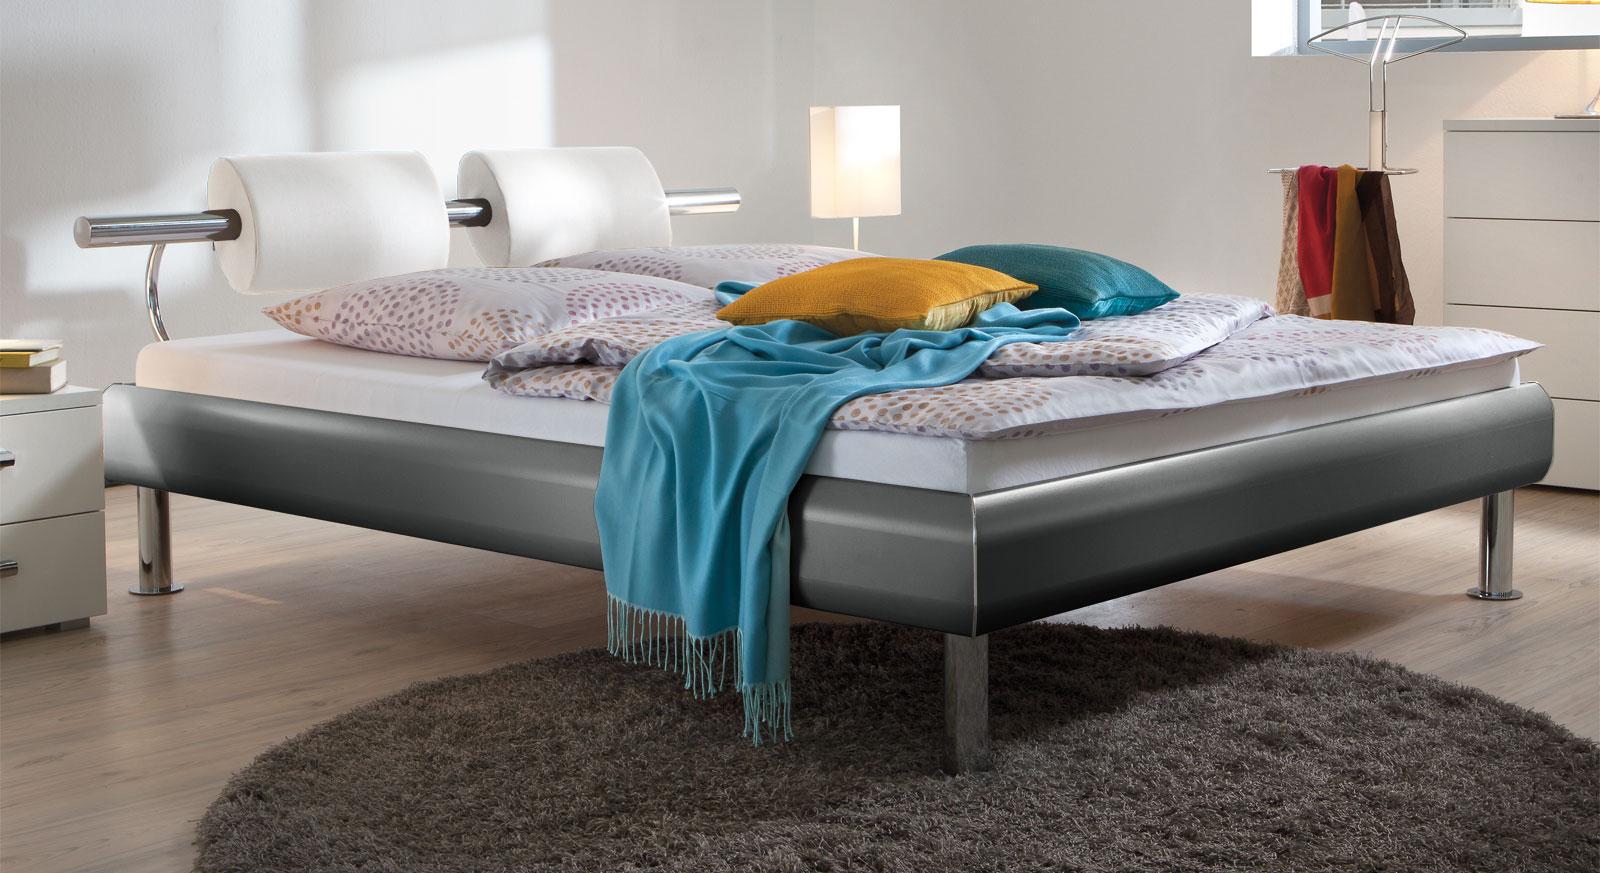 Bett Caliari aus schiefergrauem MDF-Dekor mit weißem Kunstleder